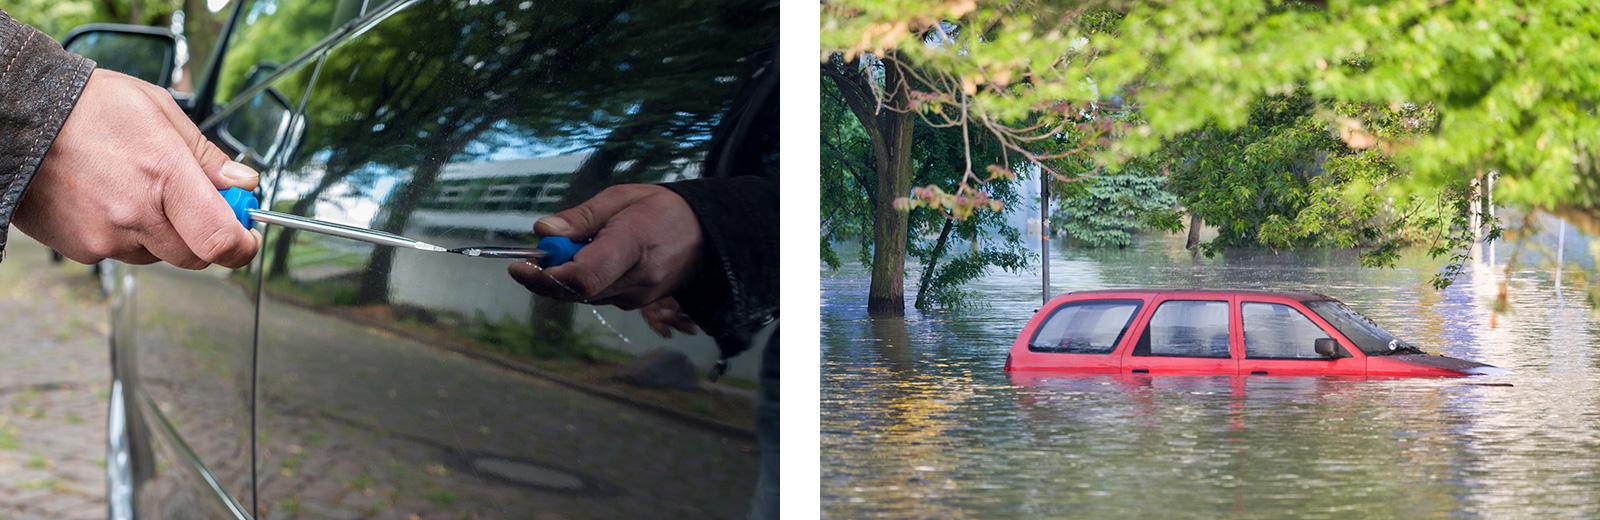 Fälle für die Kaskoversicherung: Vandalismus, Überwemmung